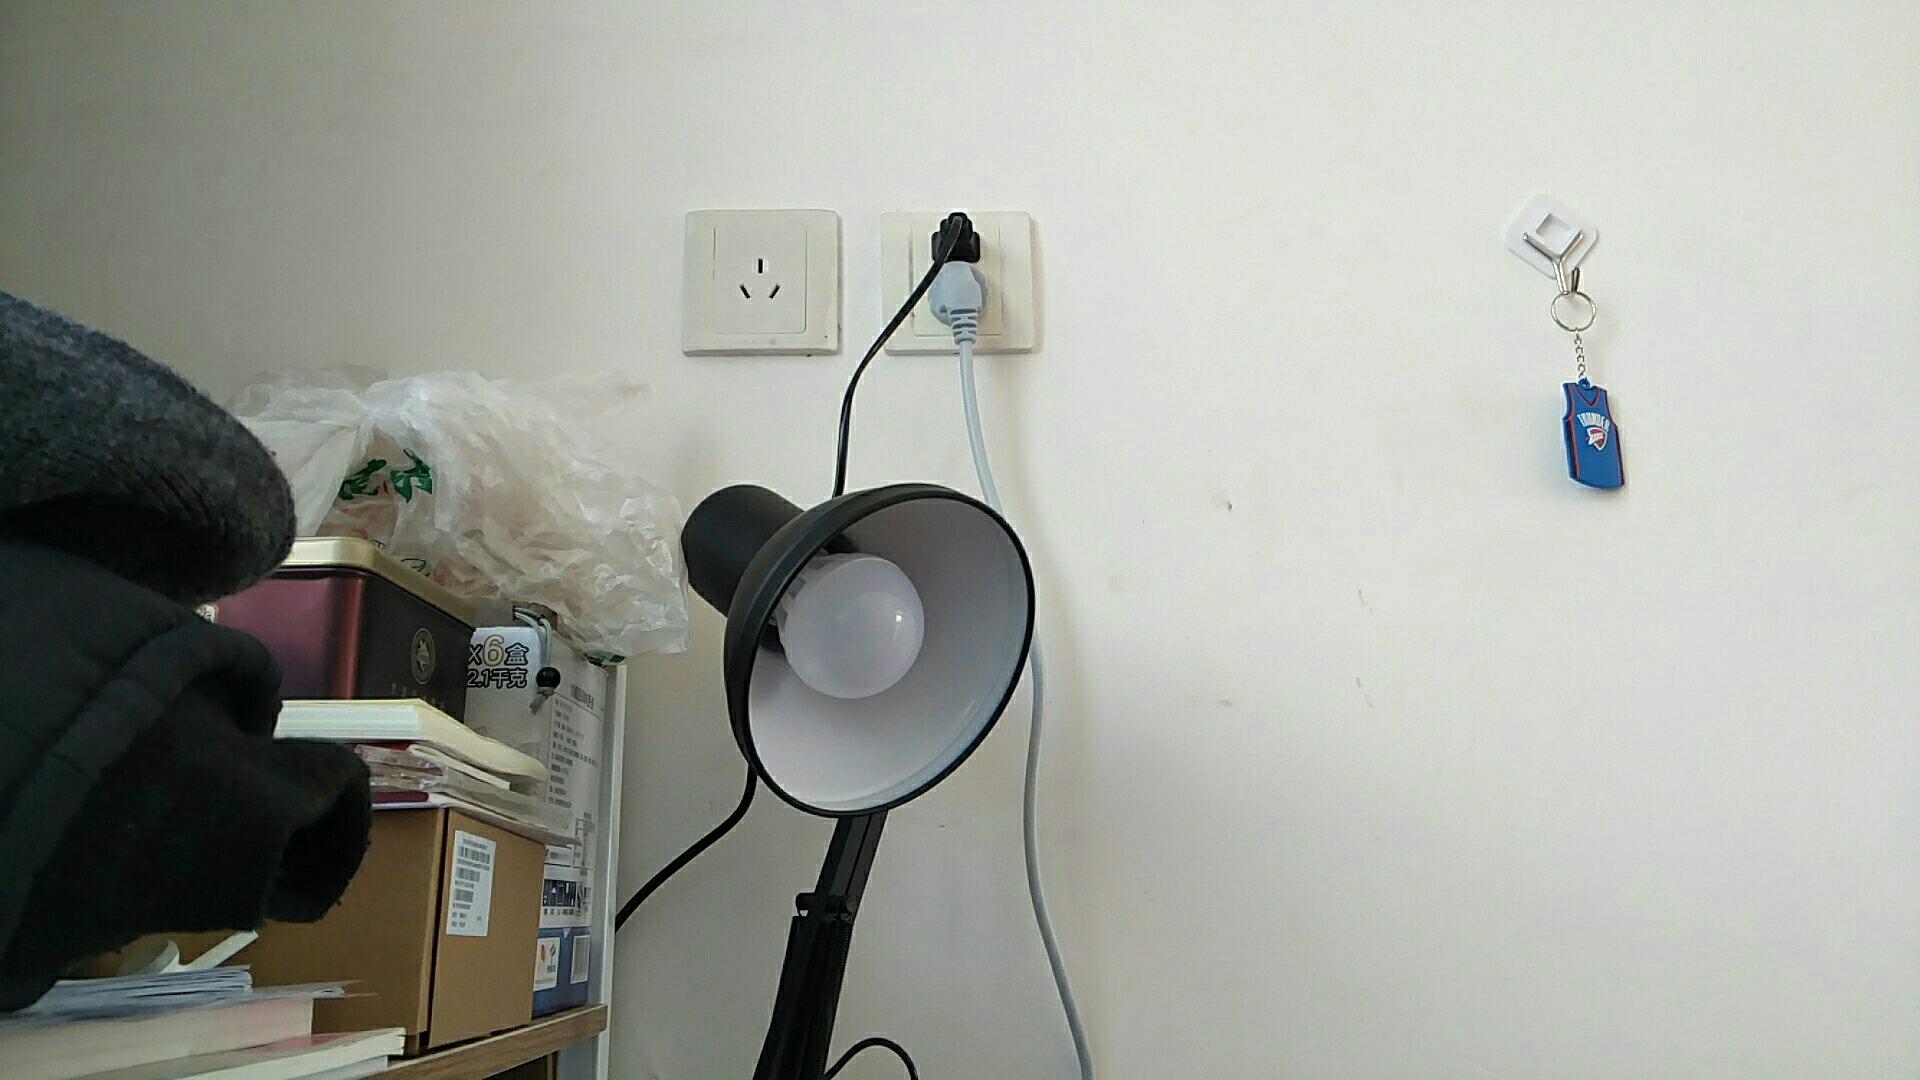 west jordan outlet 00955469 outlet